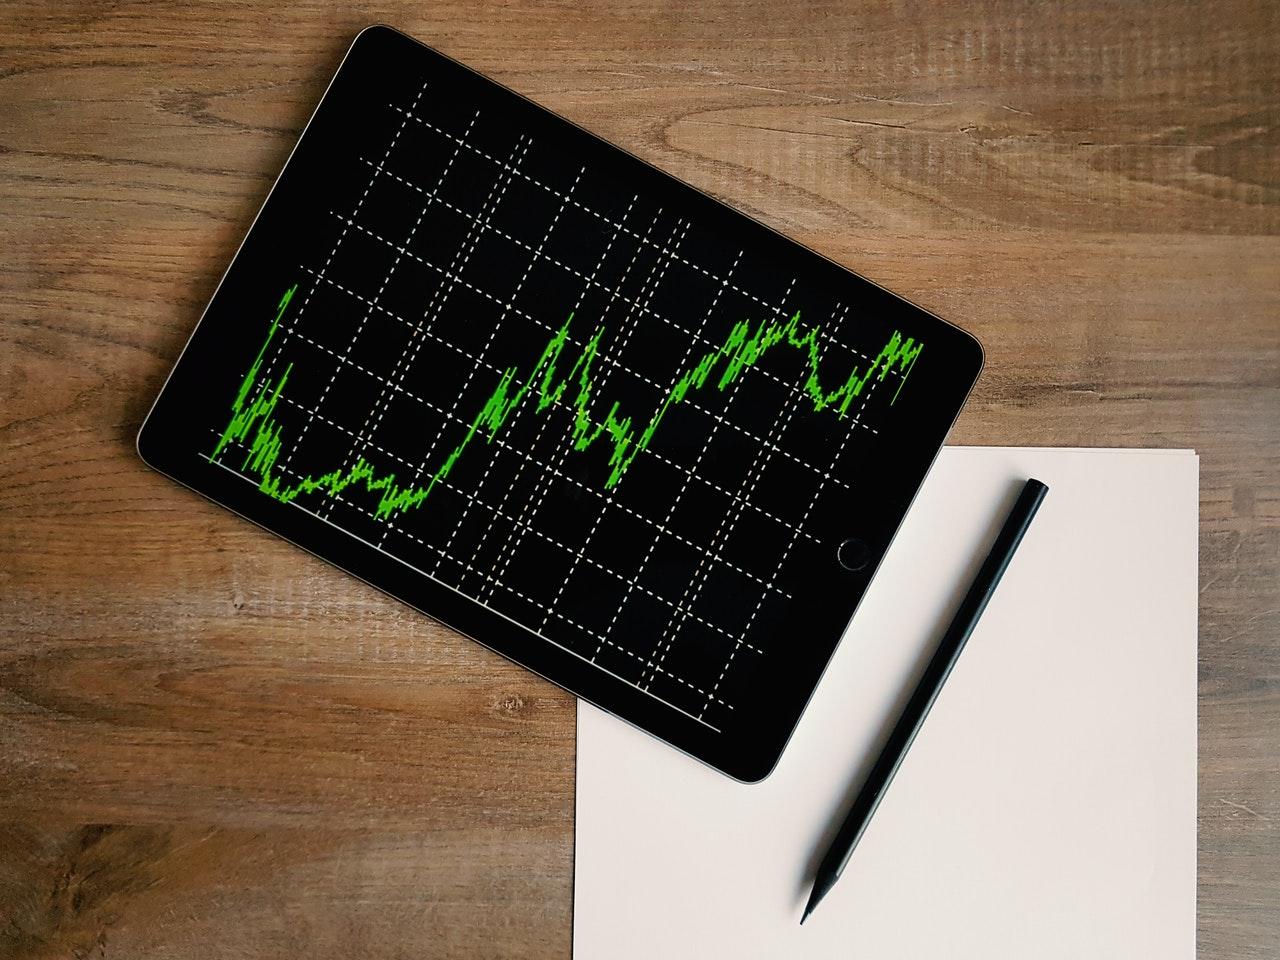 us stock markets 2021